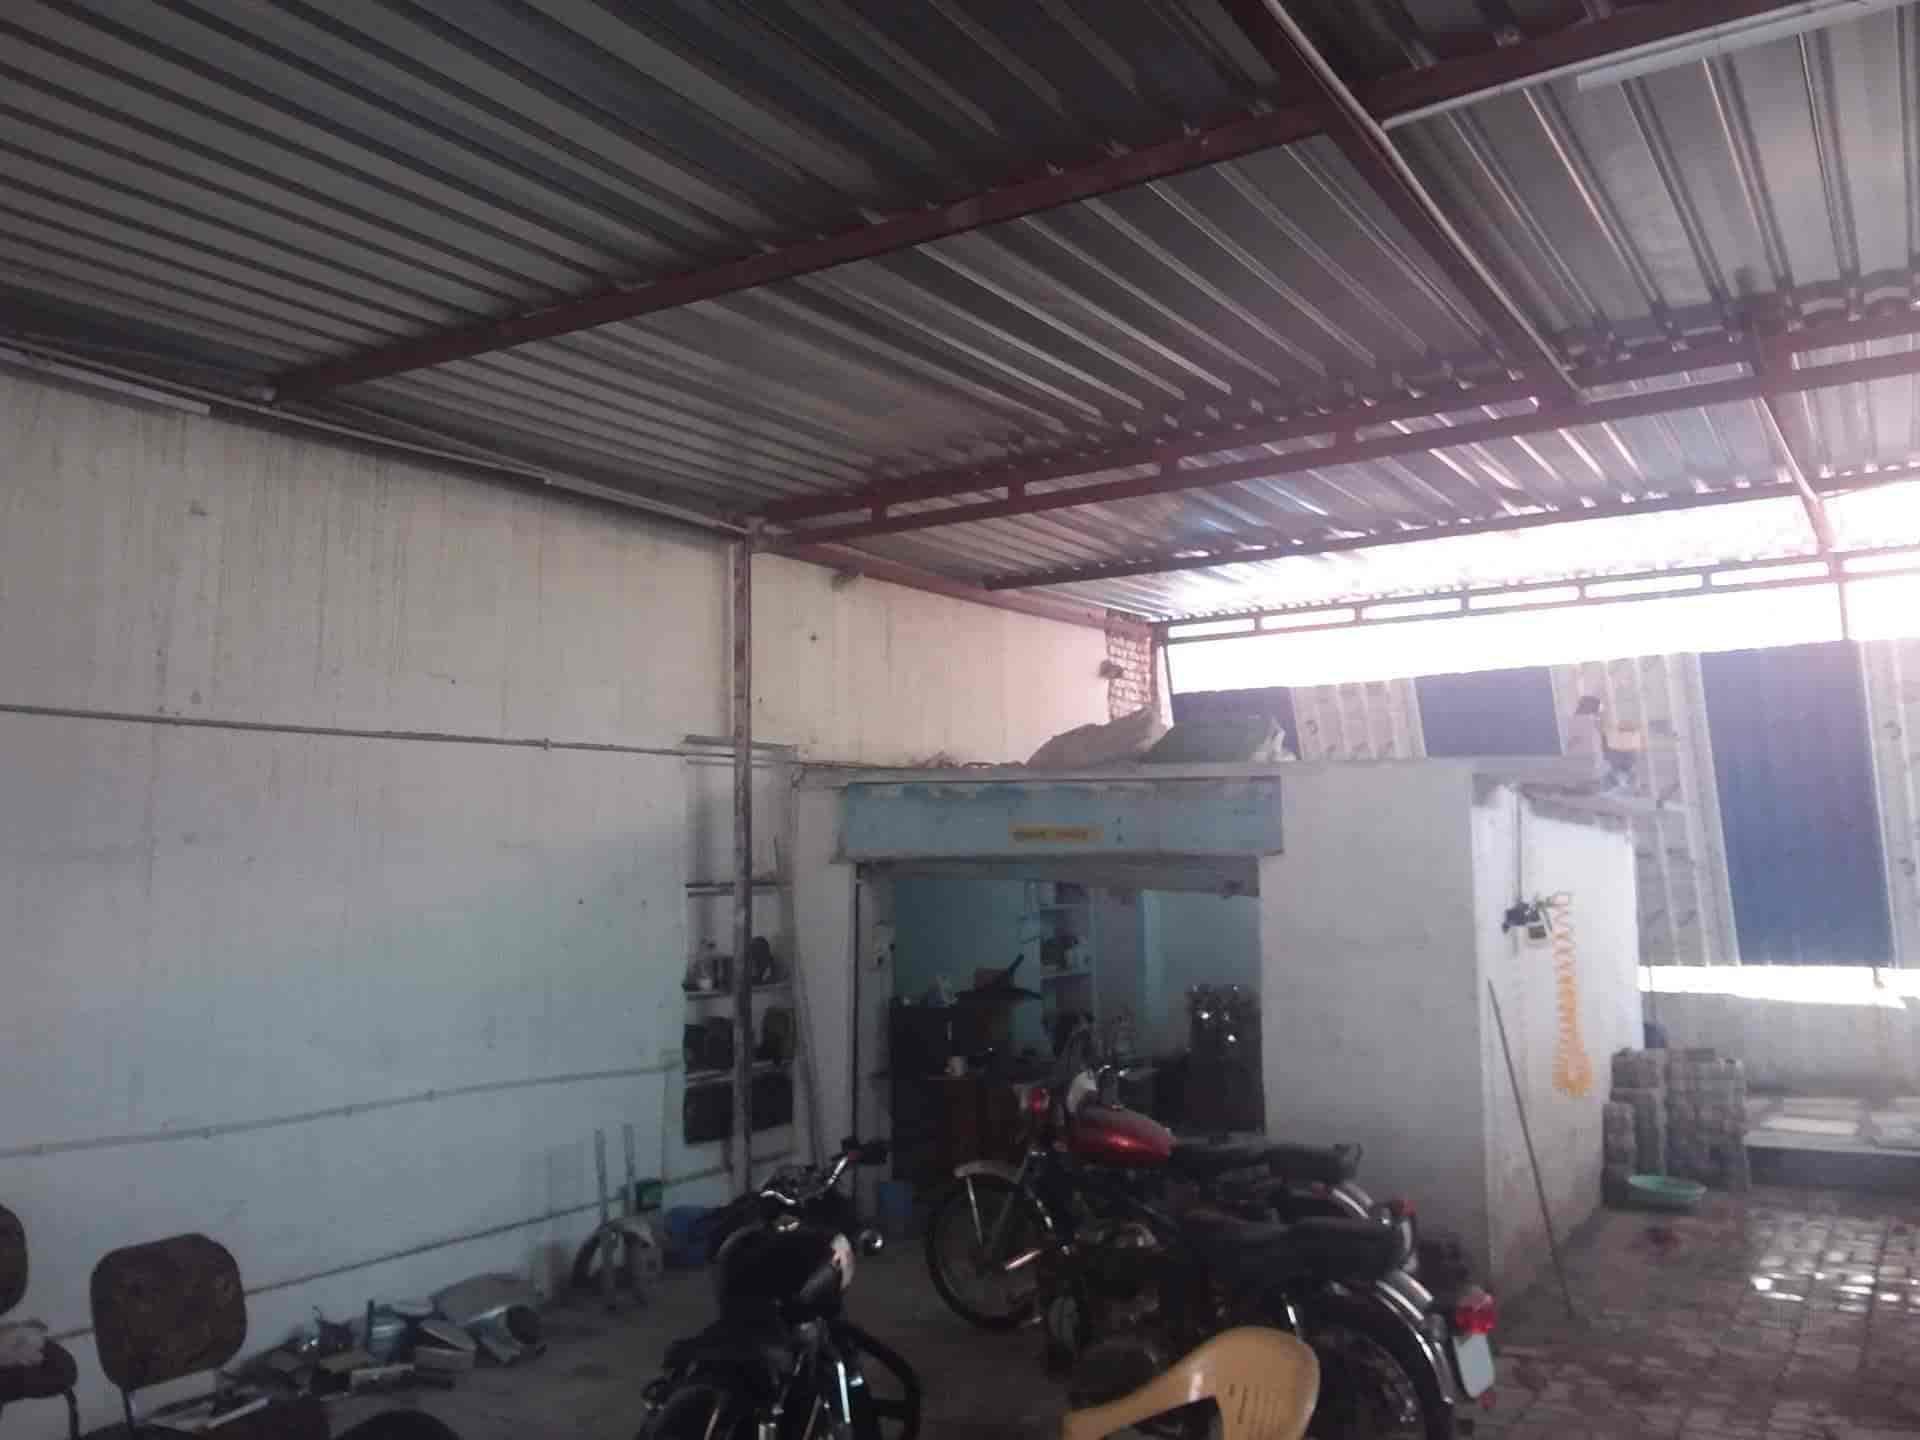 Top Suzuki Gixxer Motorcycle Repair & Services in 14 - Best Suzuki